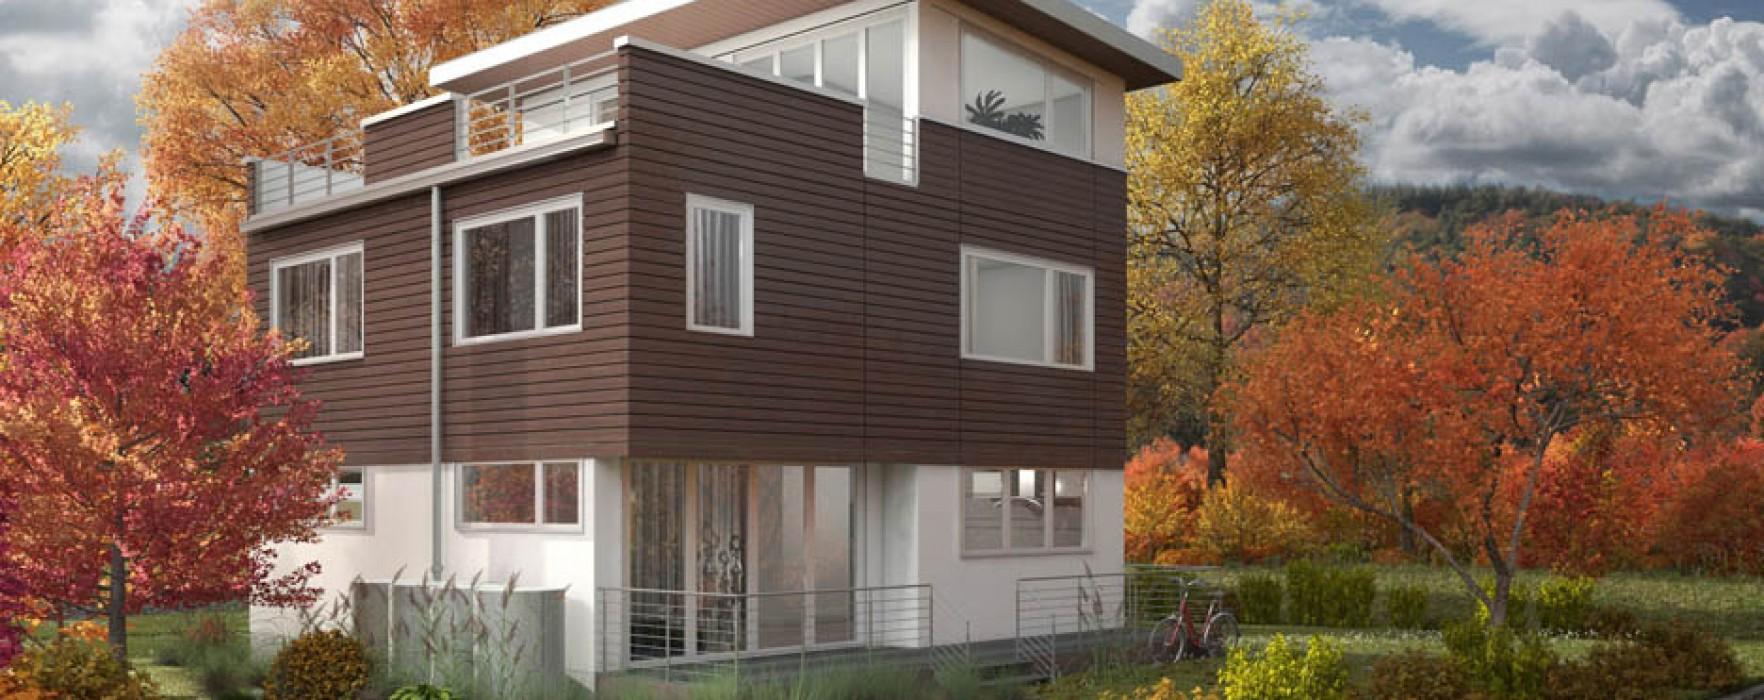 Le certificazioni delle case prefabbricate for Pagani case prefabbricate